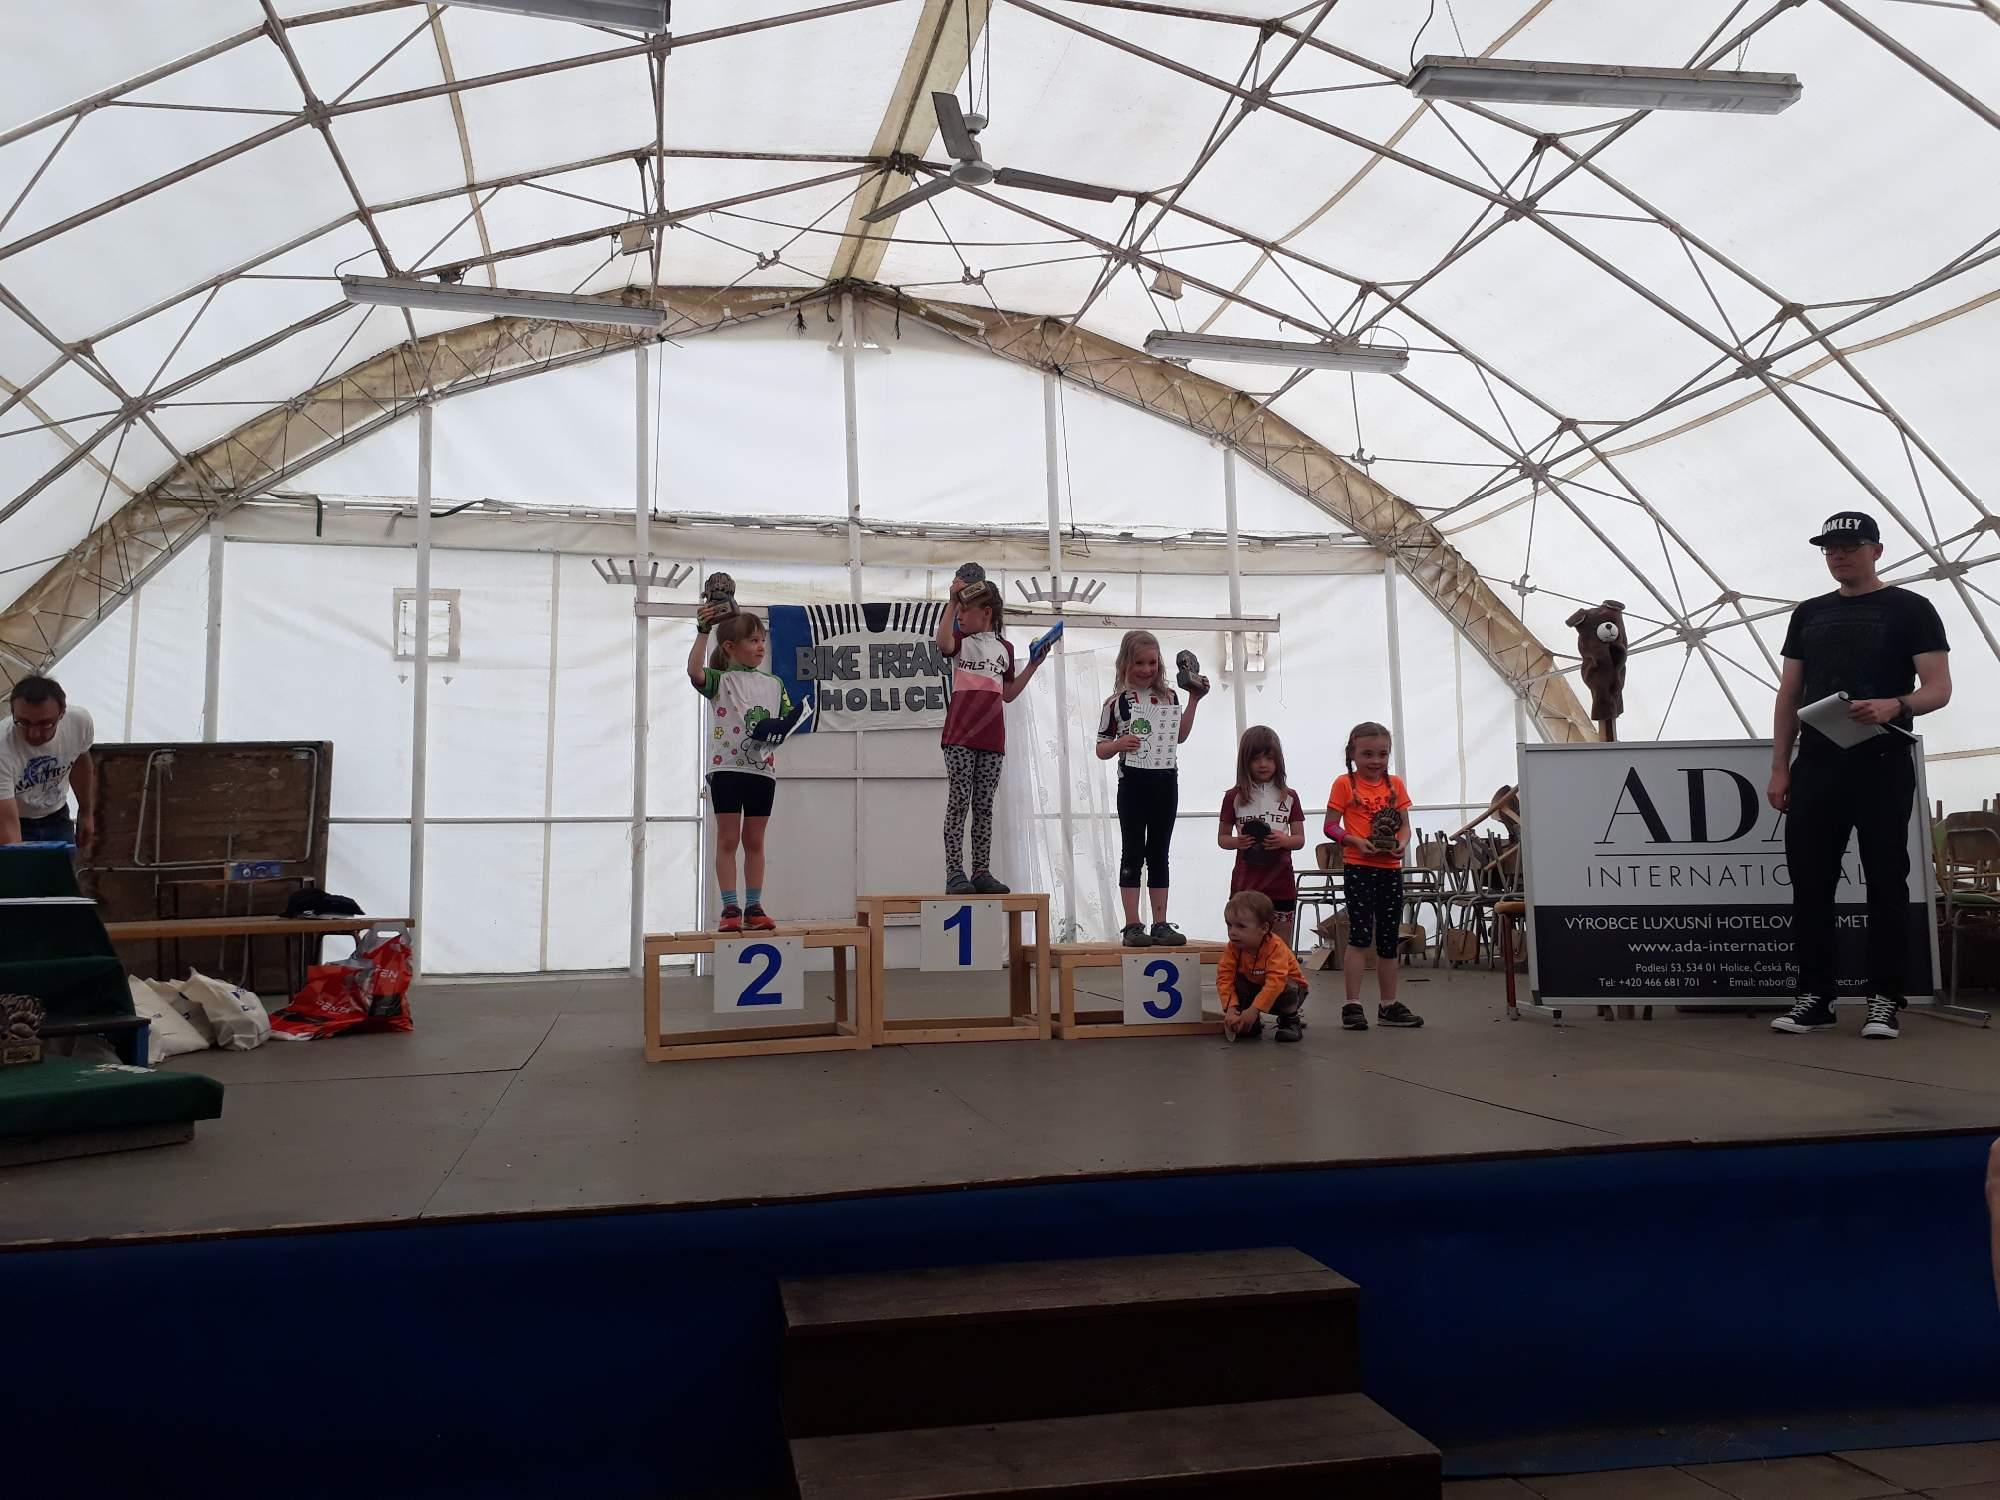 Vyhlašování vítězů. Foto: Kateřina Bečková